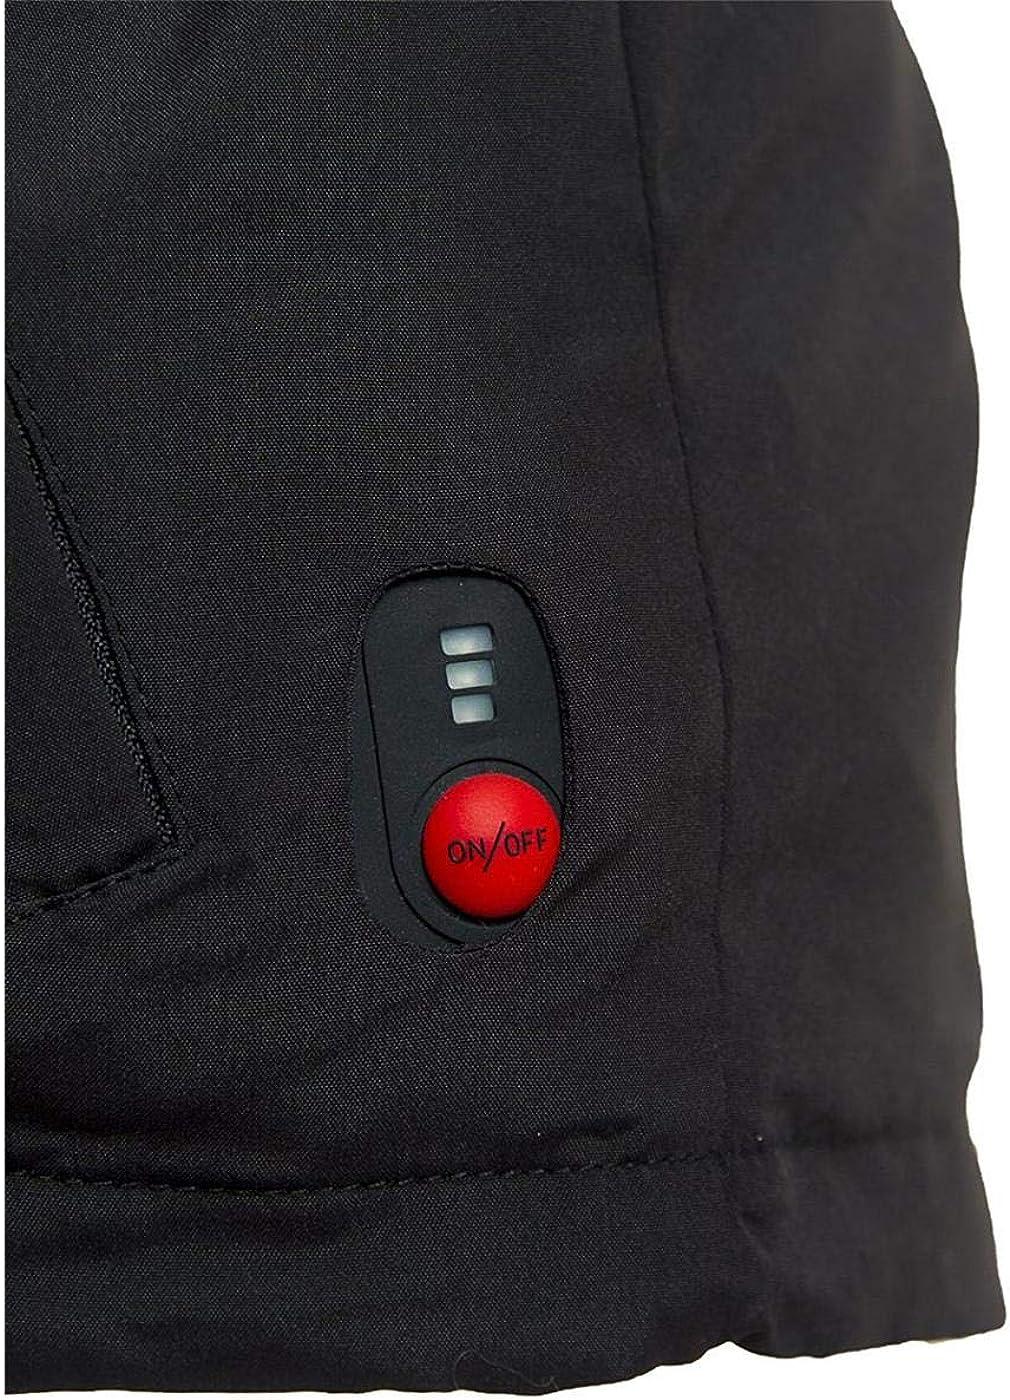 Weste beheizt M Modern heatwear Unterziehweste mit Heizsystem schwarz